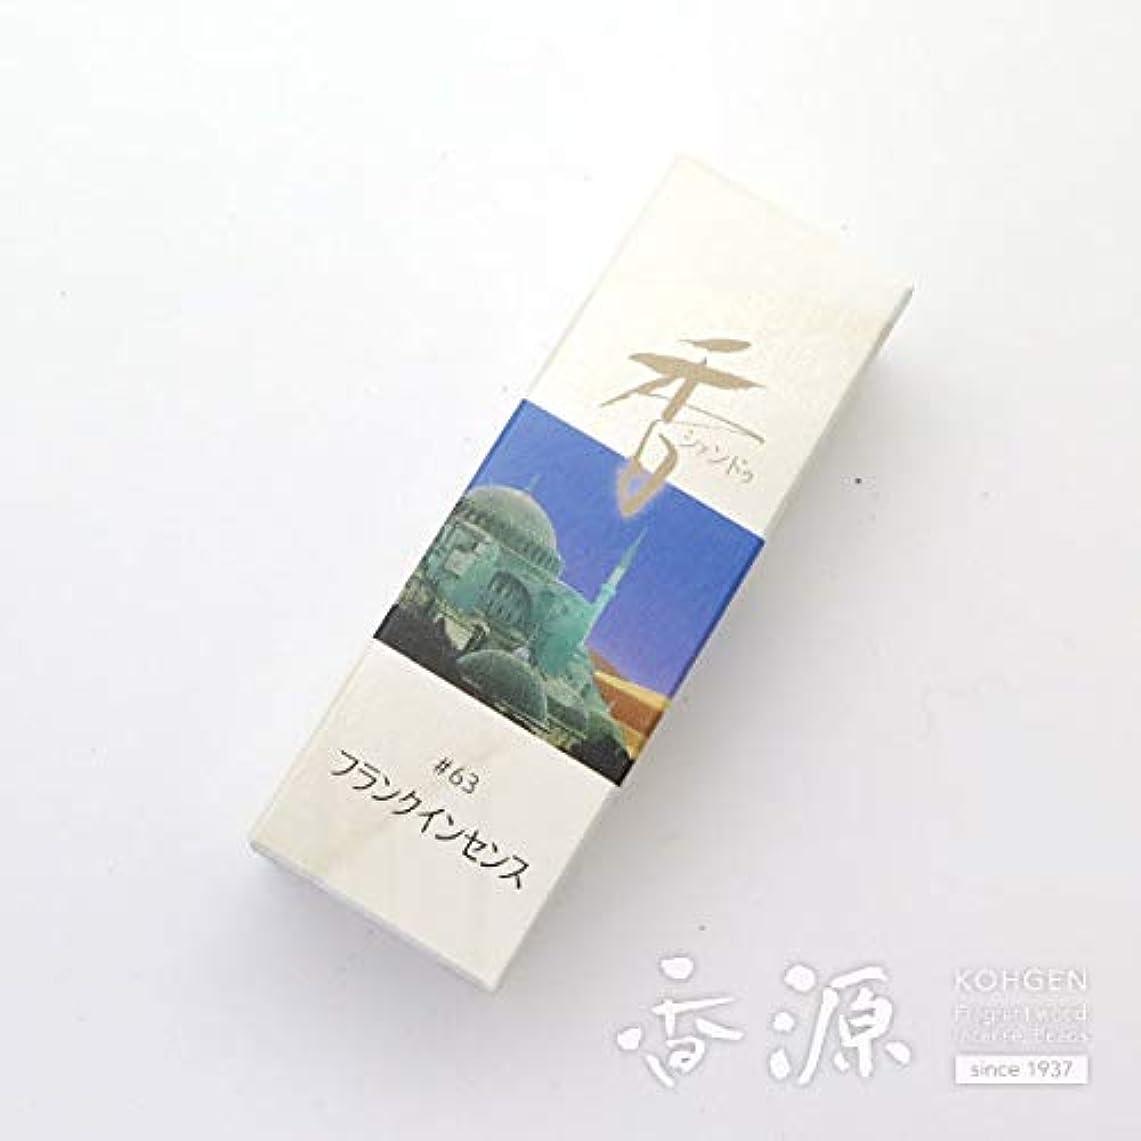 百年貧しい発掘するXiang Do(シャンドゥ) 松栄堂のお香 フランクインセンス ST20本入 簡易香立付 #214263